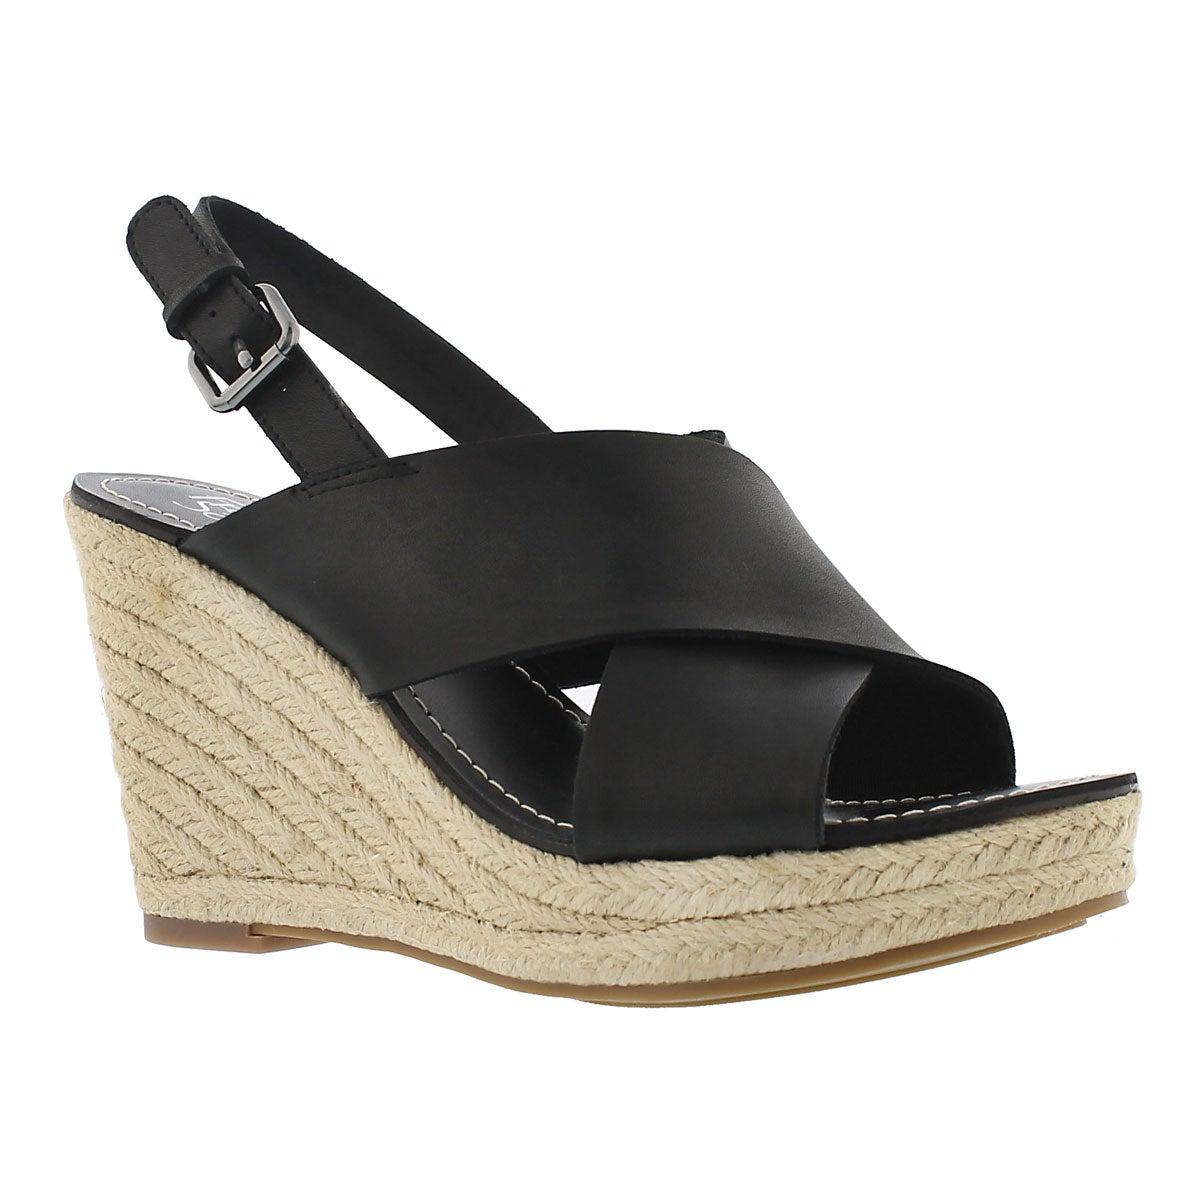 Women's CHARRA black espadrille wedge sandals